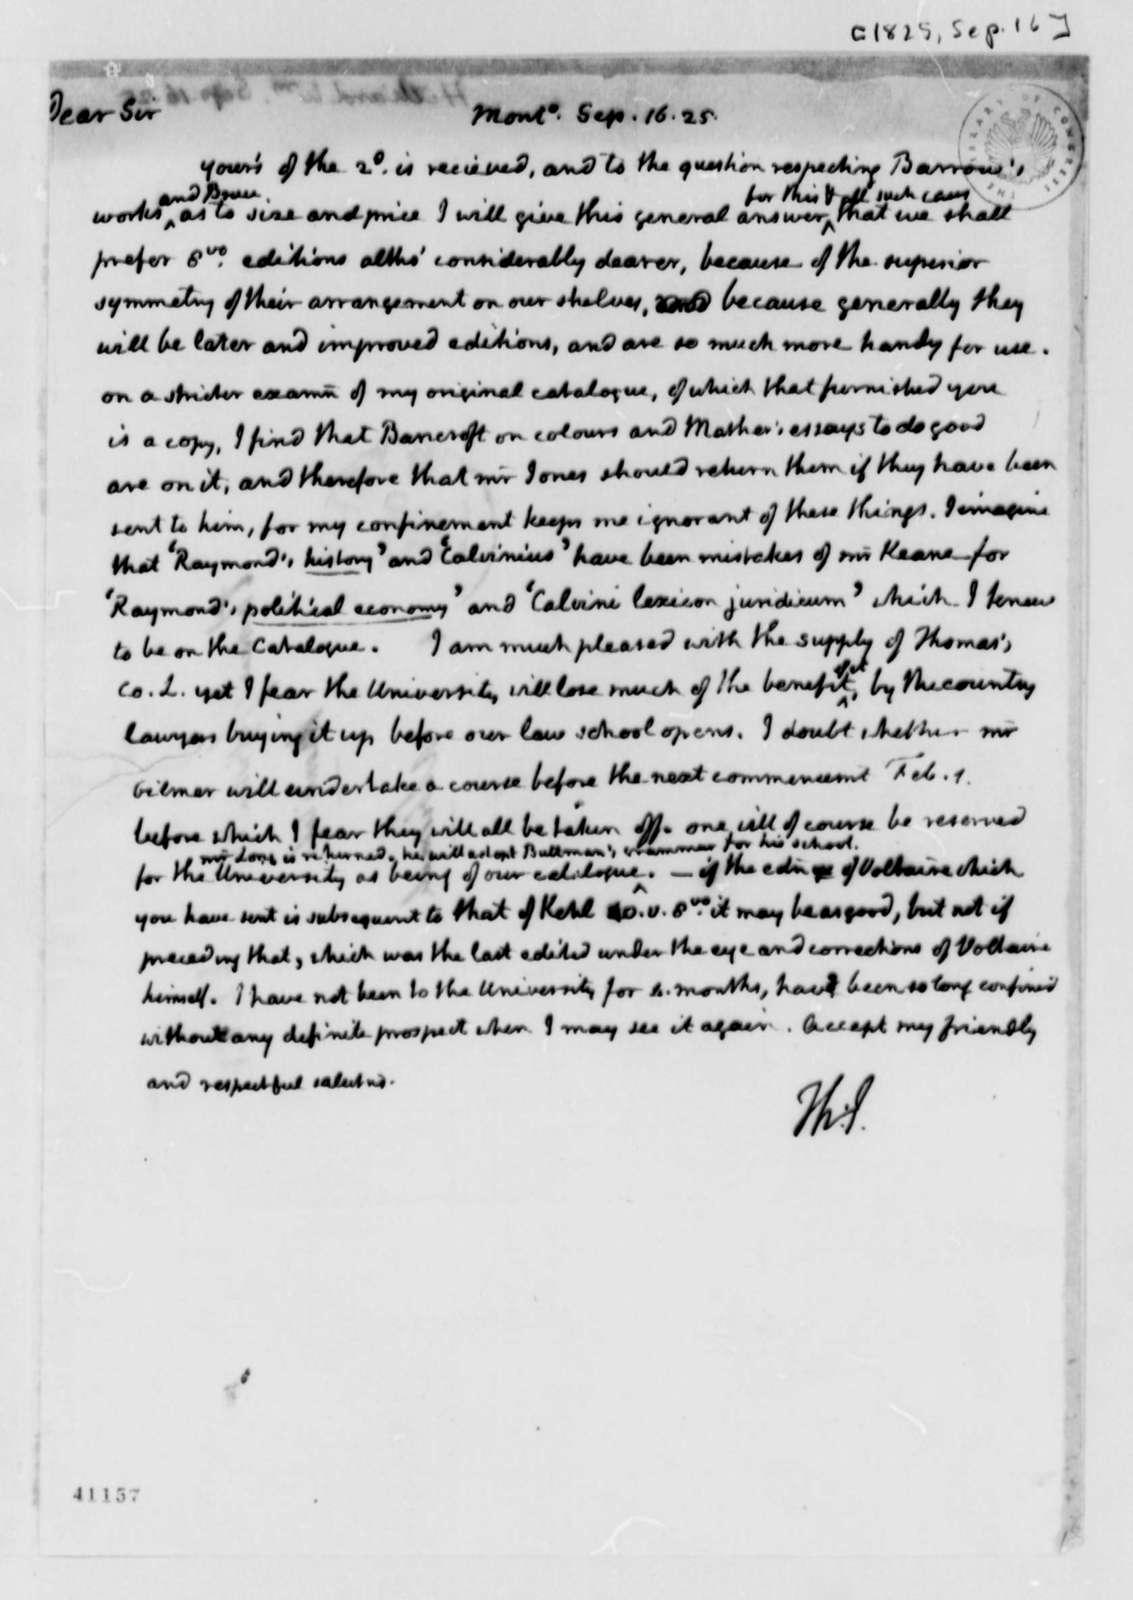 Thomas Jefferson to William Hilliard, September 16, 1825